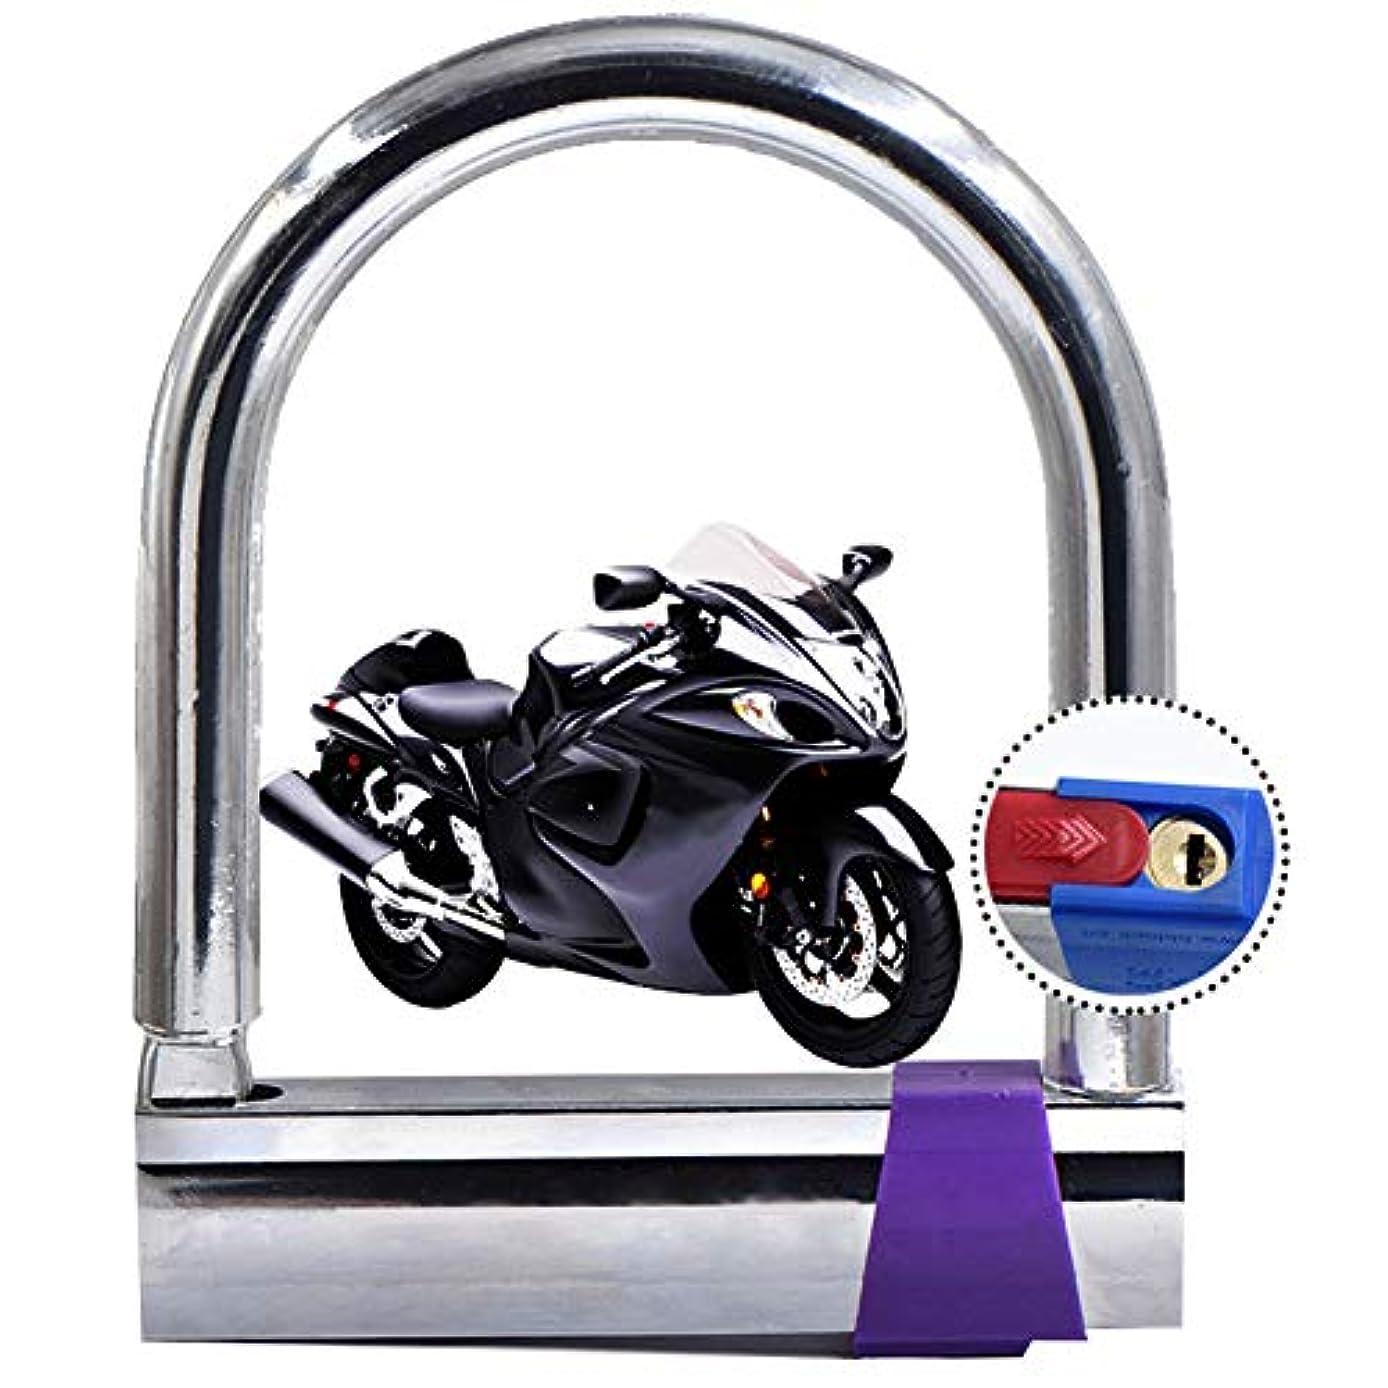 肉の瞑想する電子マウンテンバイクのロック|自転車のロック|アークロック| Uロック|盗難防止ロック| 3つのキーが含まれています|多機能ロック|パープル| 2070 g